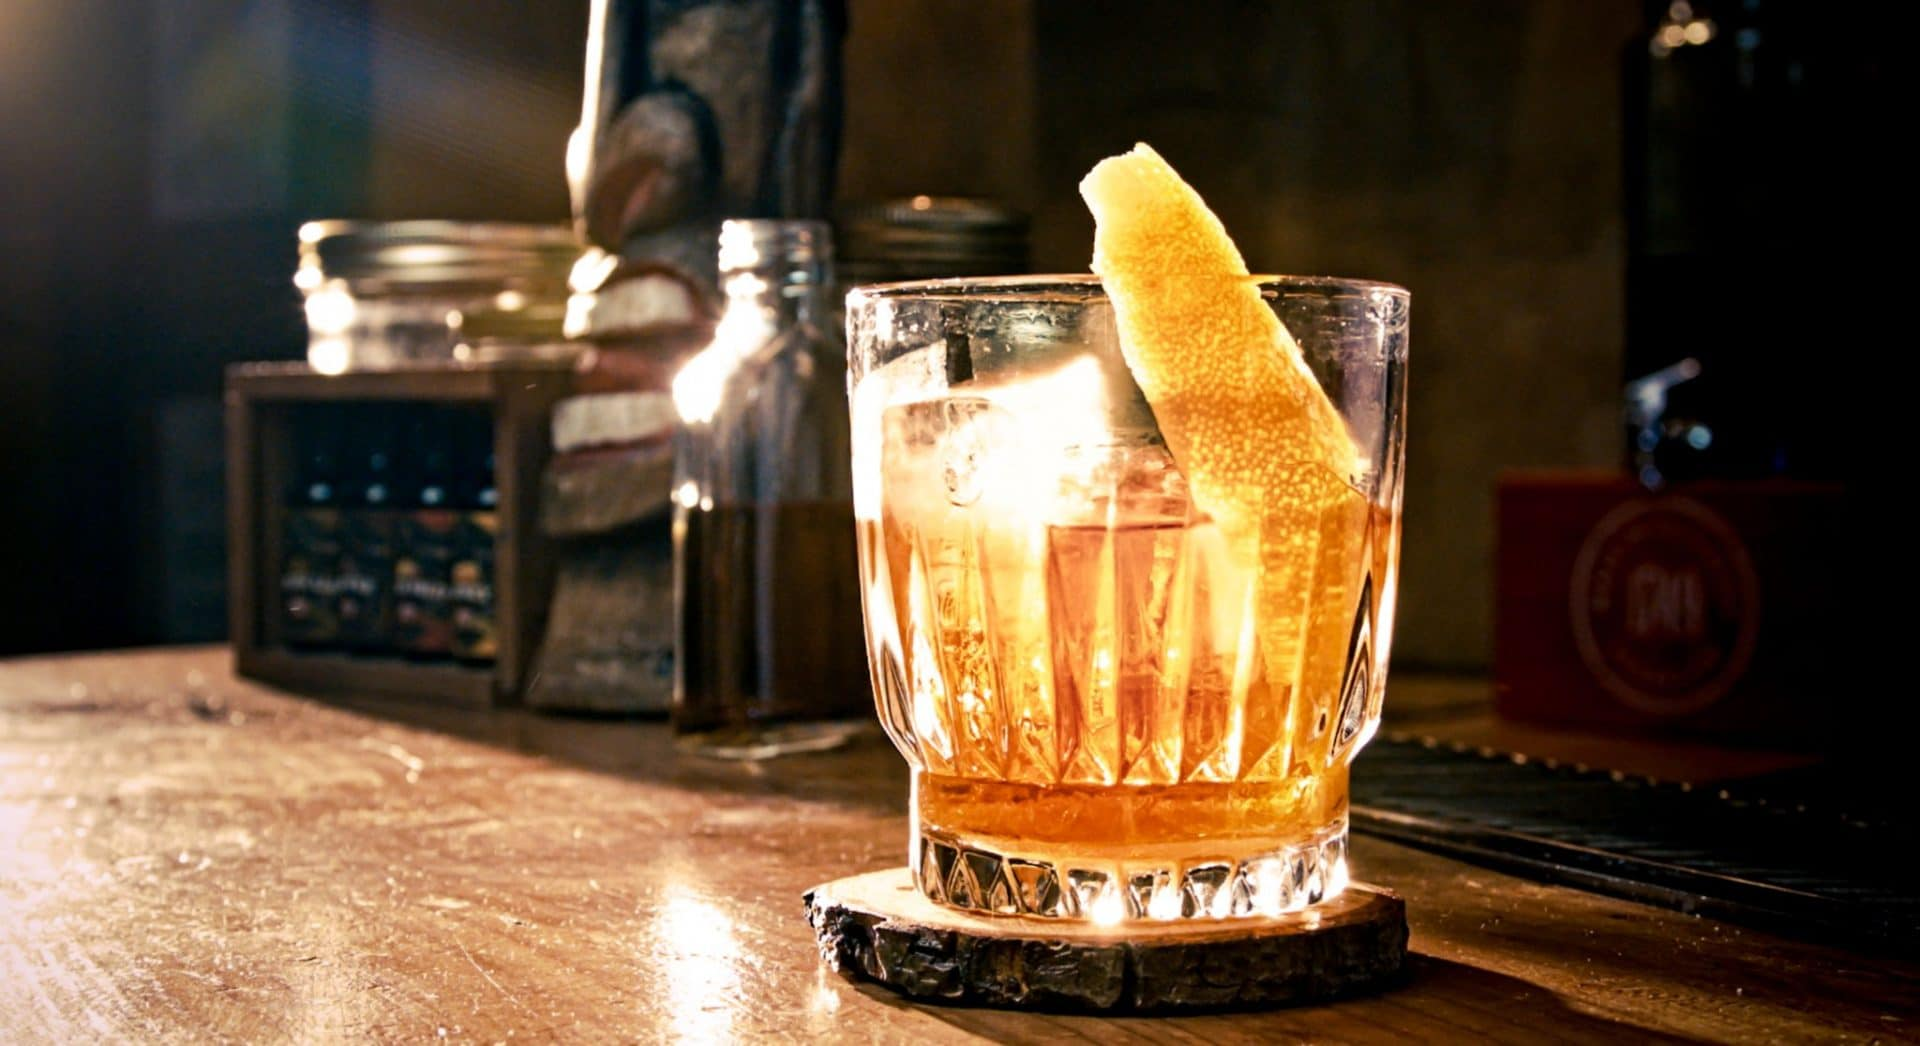 Számít, hogy milyen pohárból iszunk? A mixer válaszol